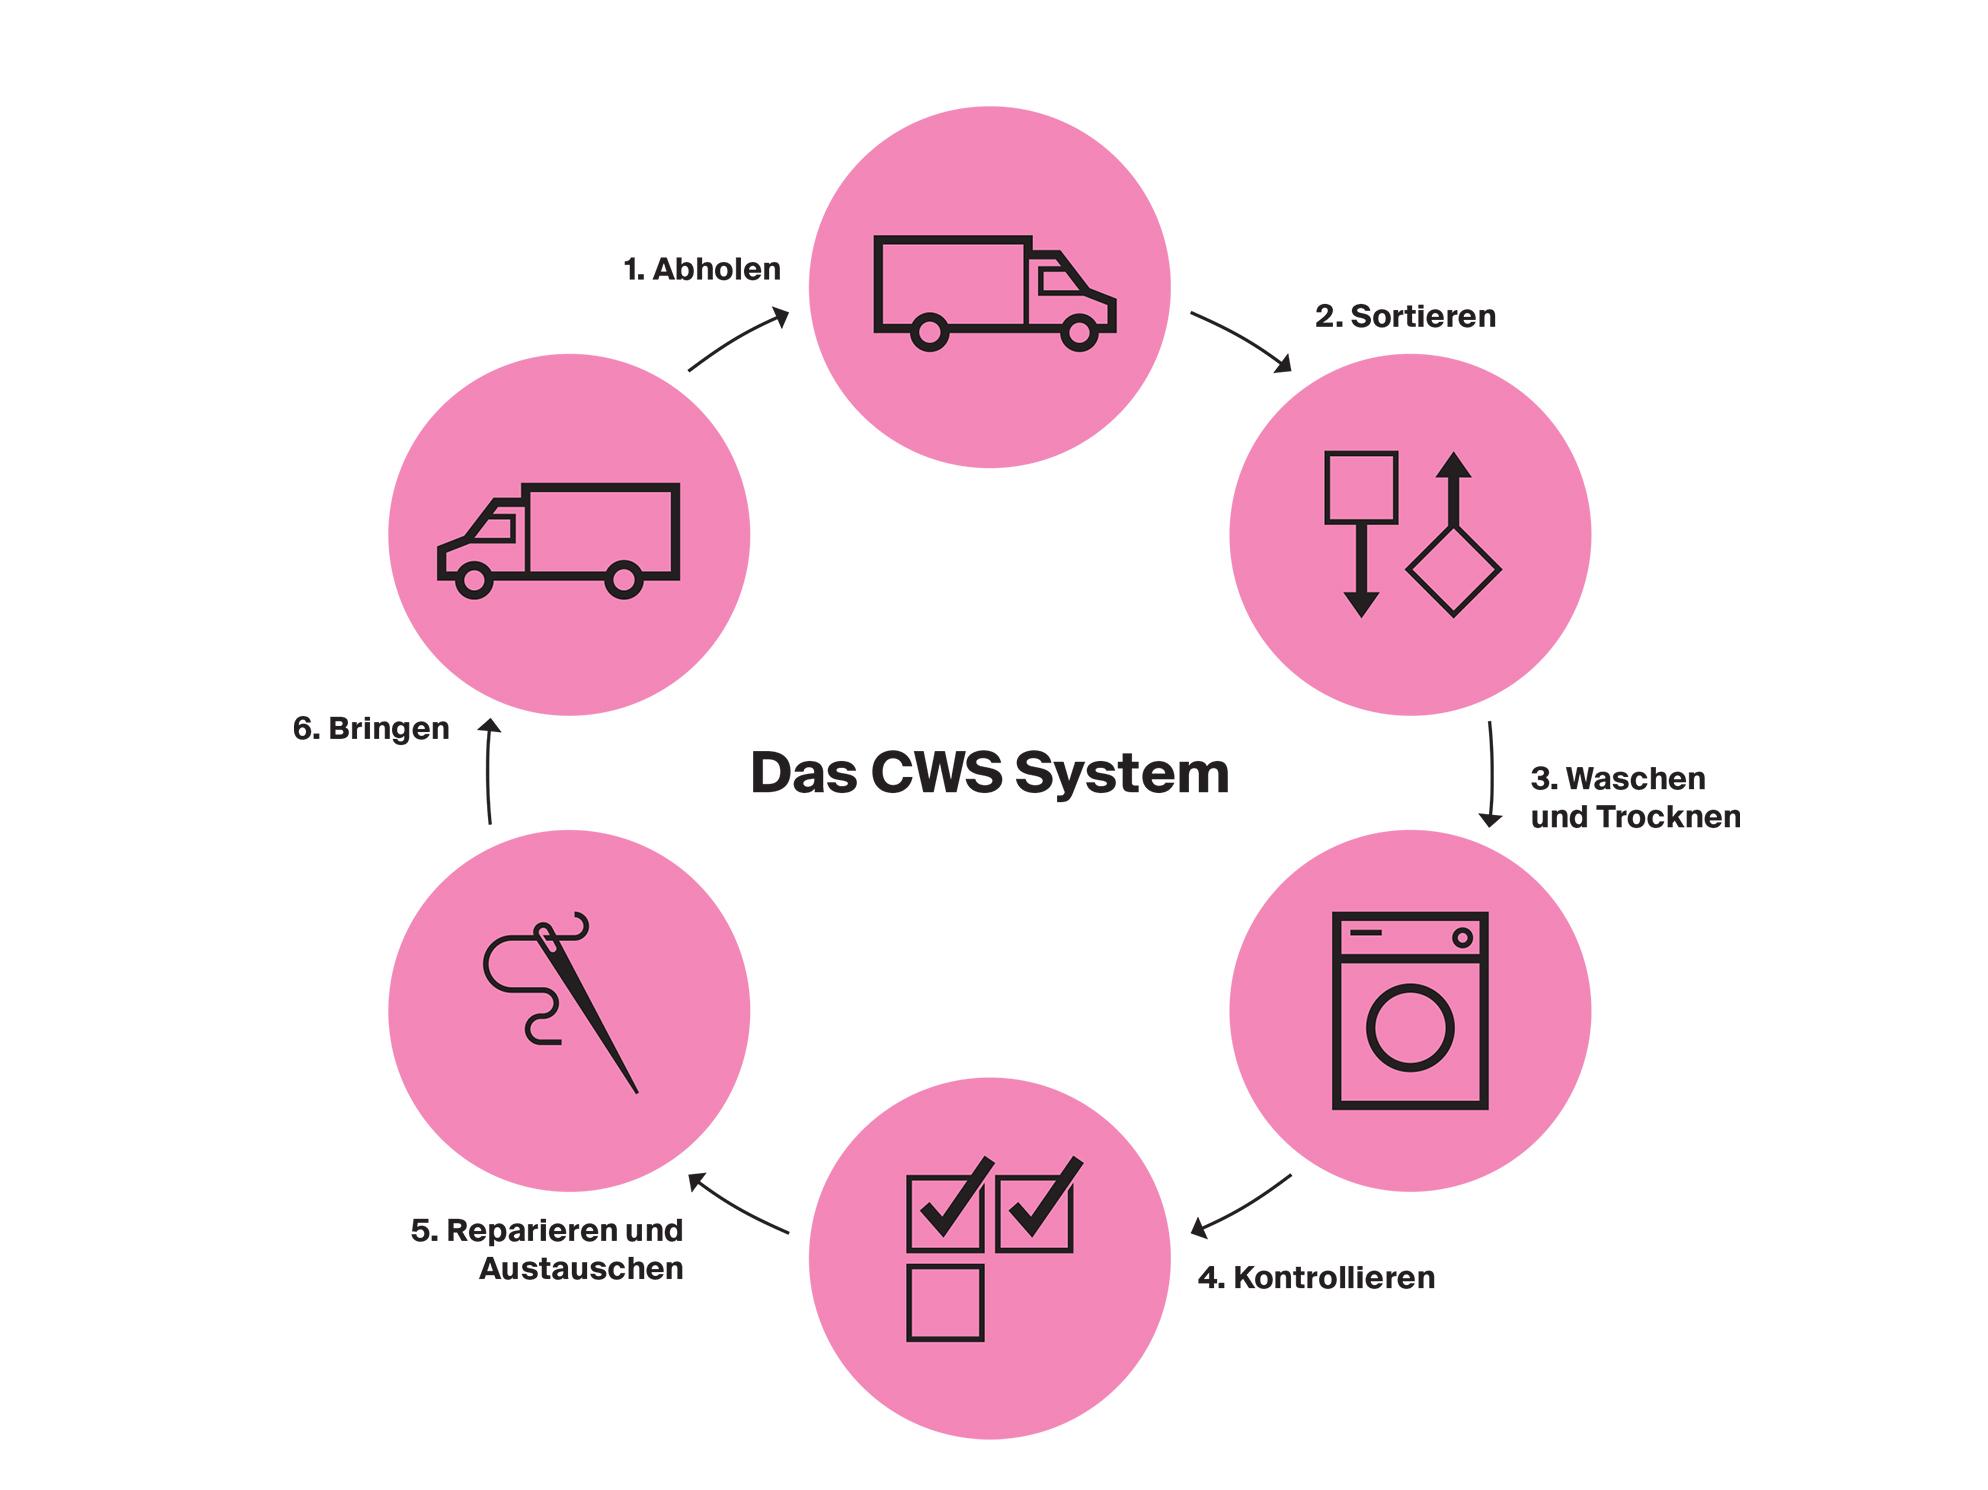 Der CWS Servicekreislauf: Abholen, Sortieren, Waschen und Trocknen, Kontrollieren, Reparieren und Austauschen, Bringen